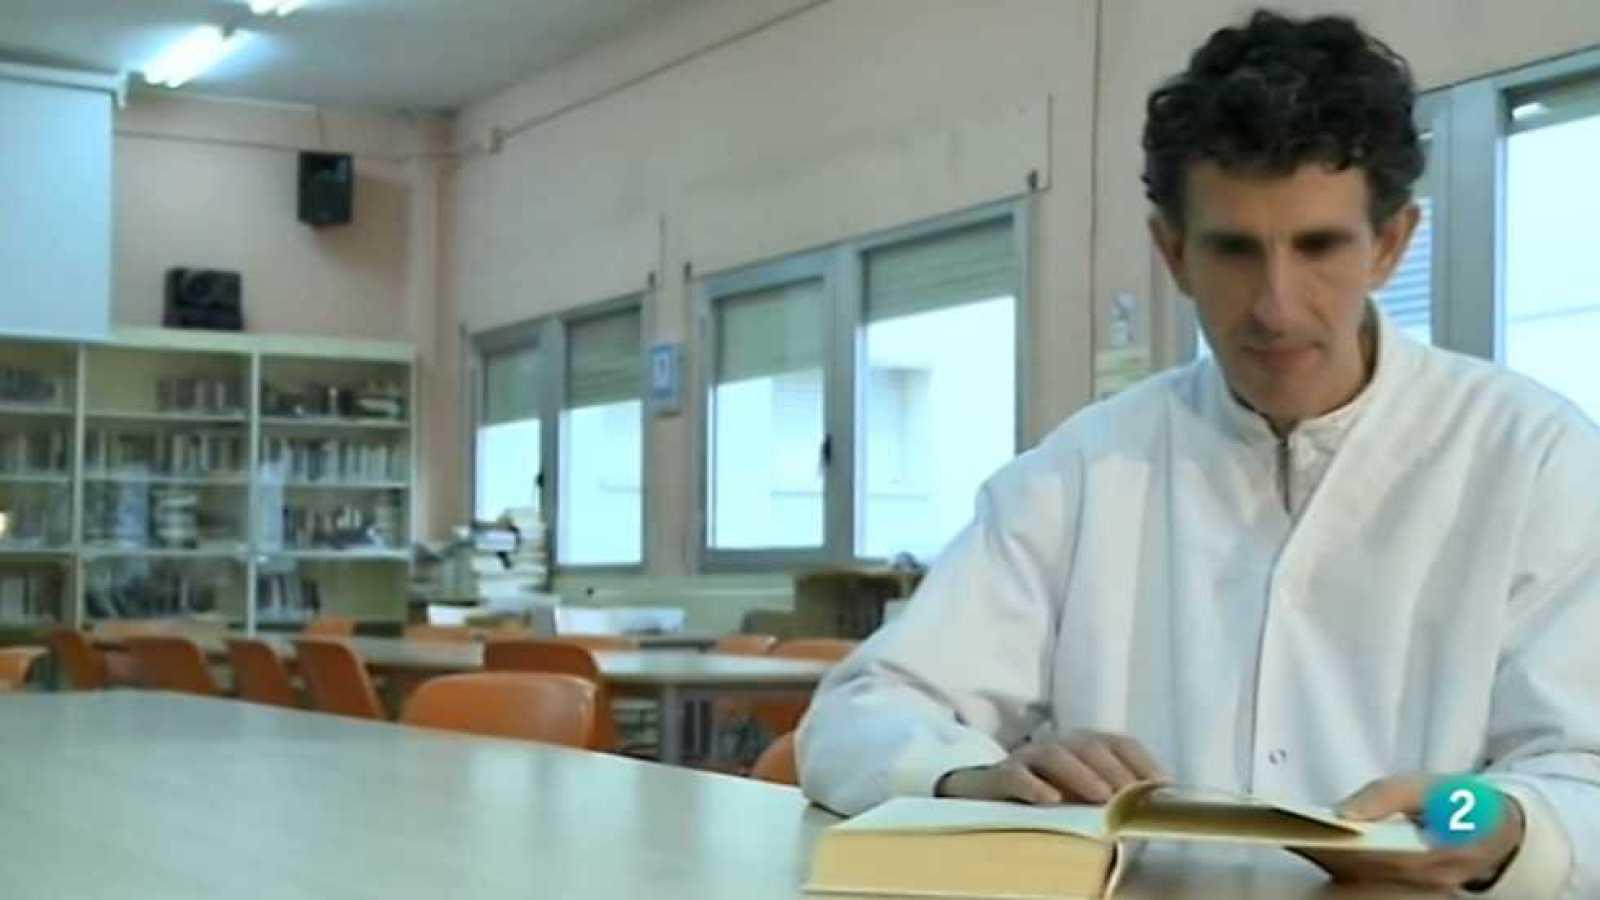 Aquí hay trabajo - 02/12/16 - RTVE.es